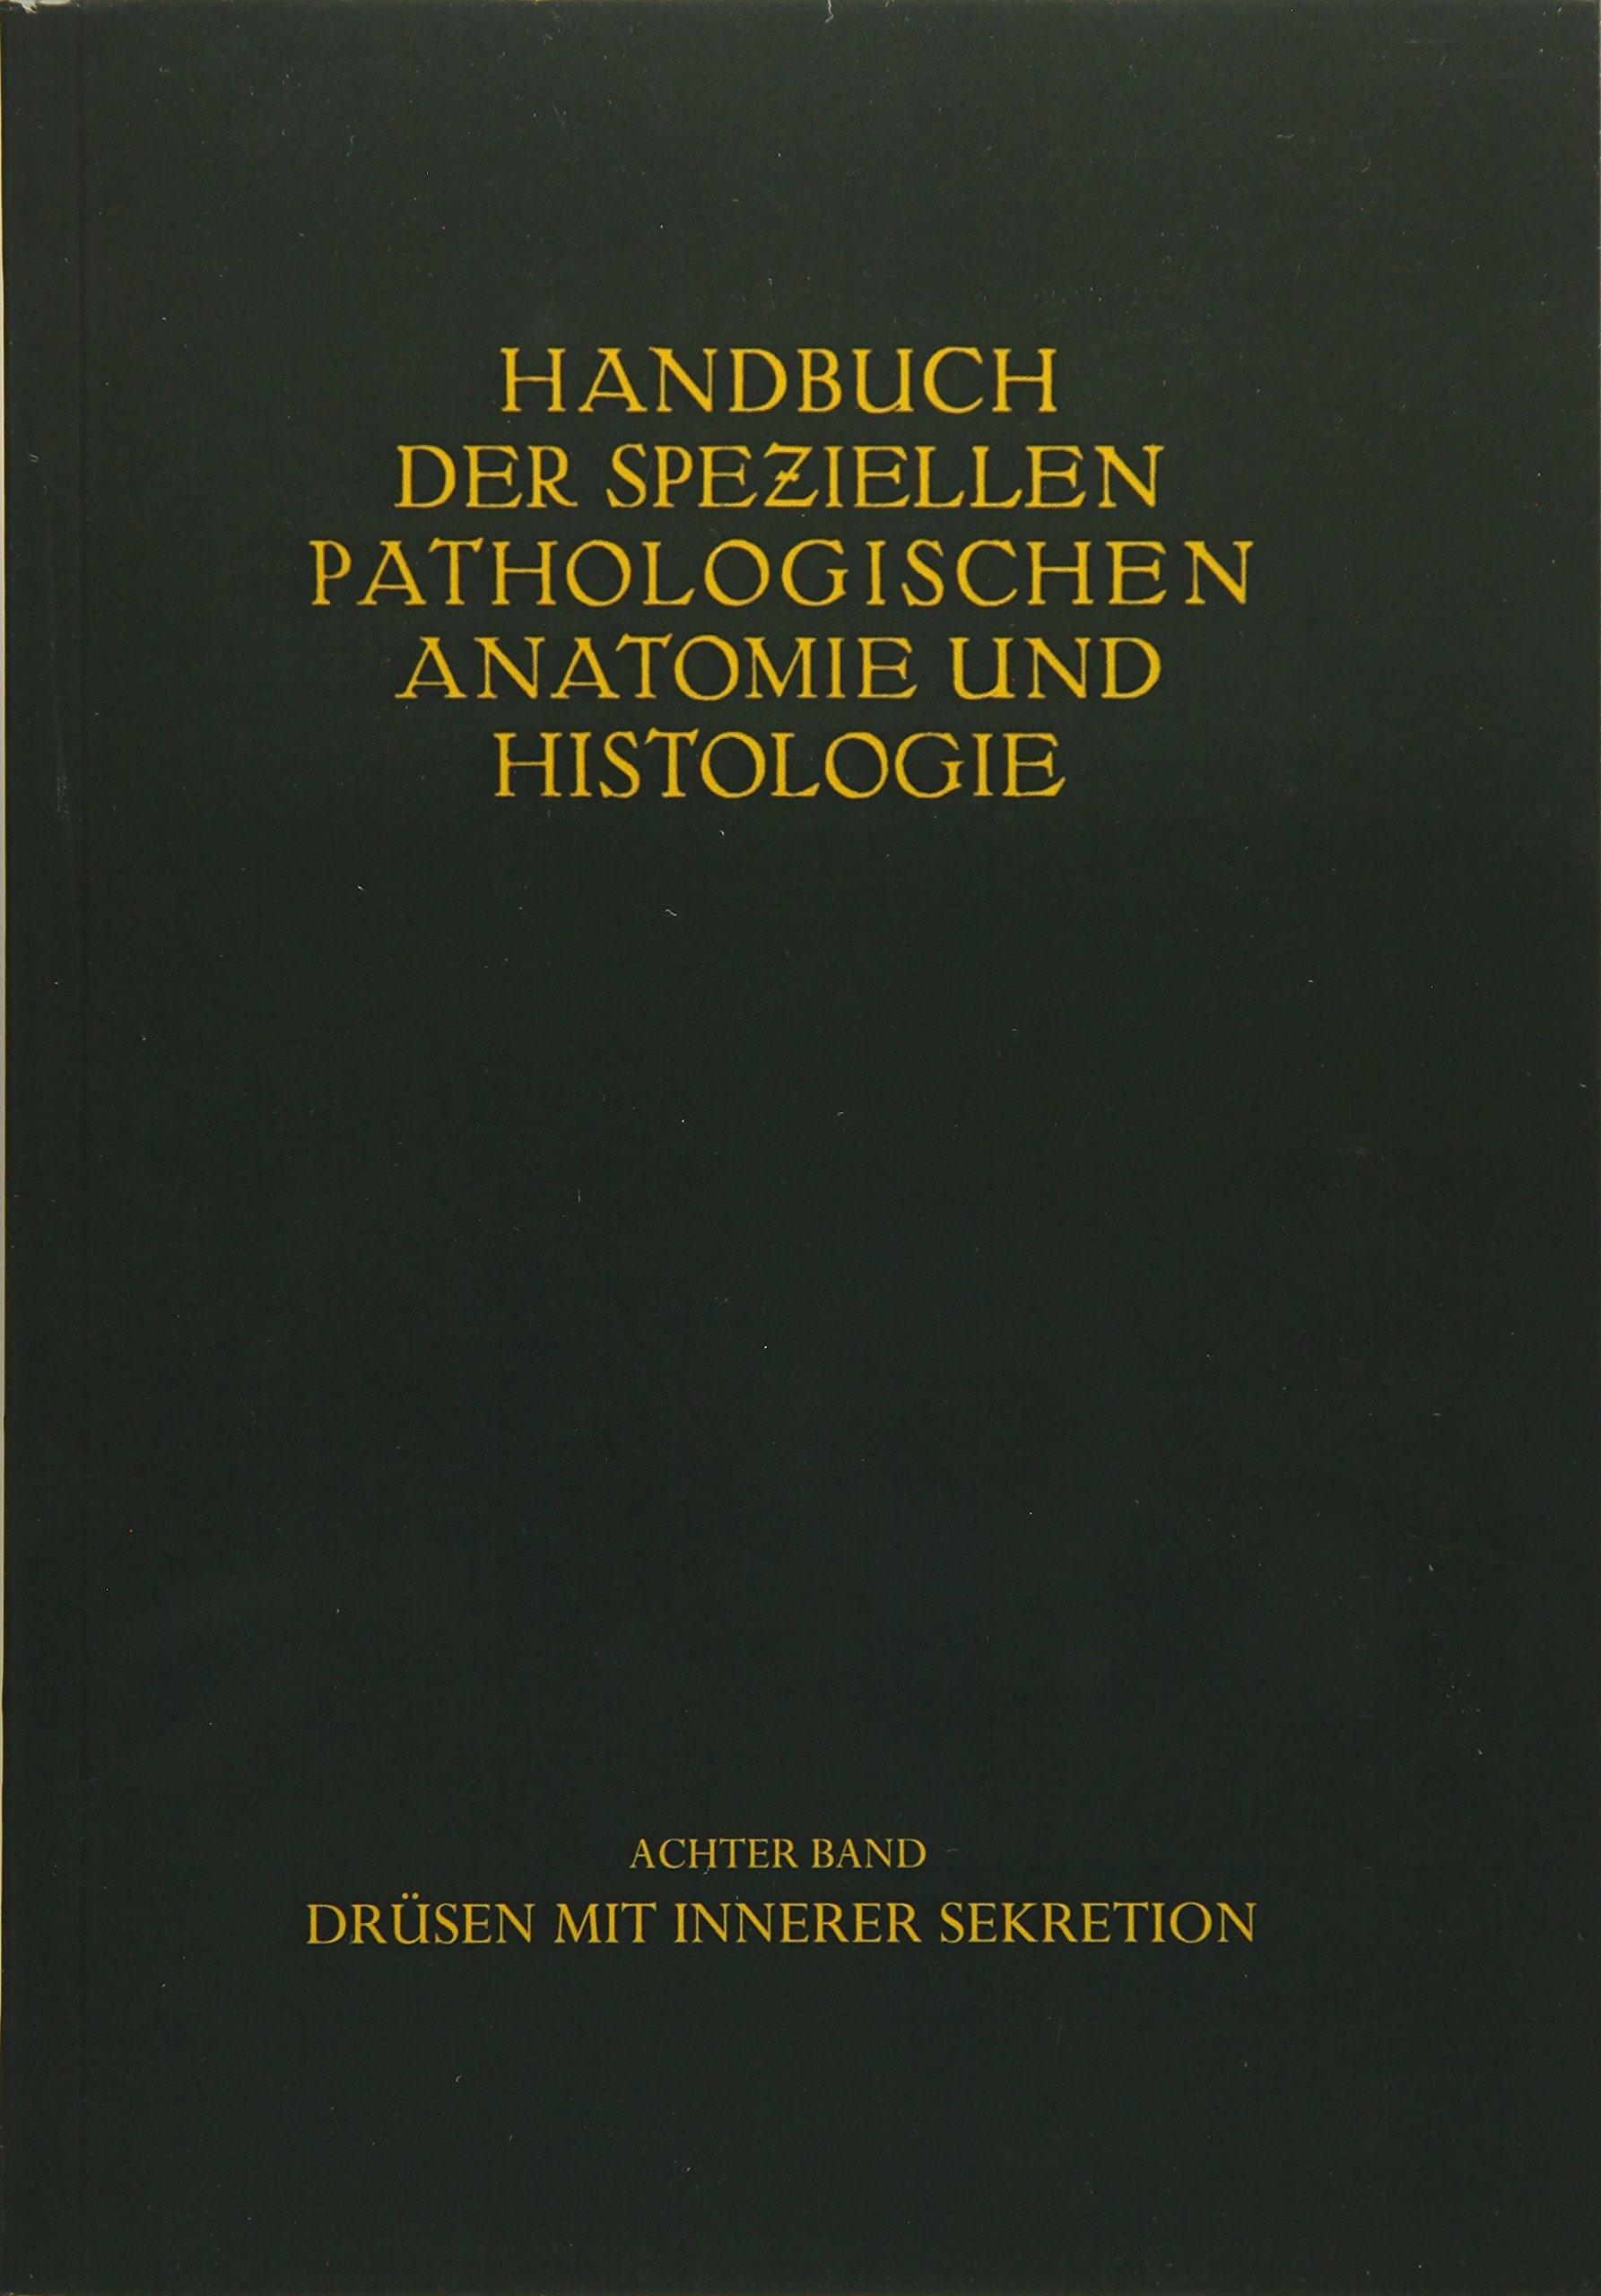 Drüsen mit innerer Sekretion. Handbuch der speziellen pathologischen ...